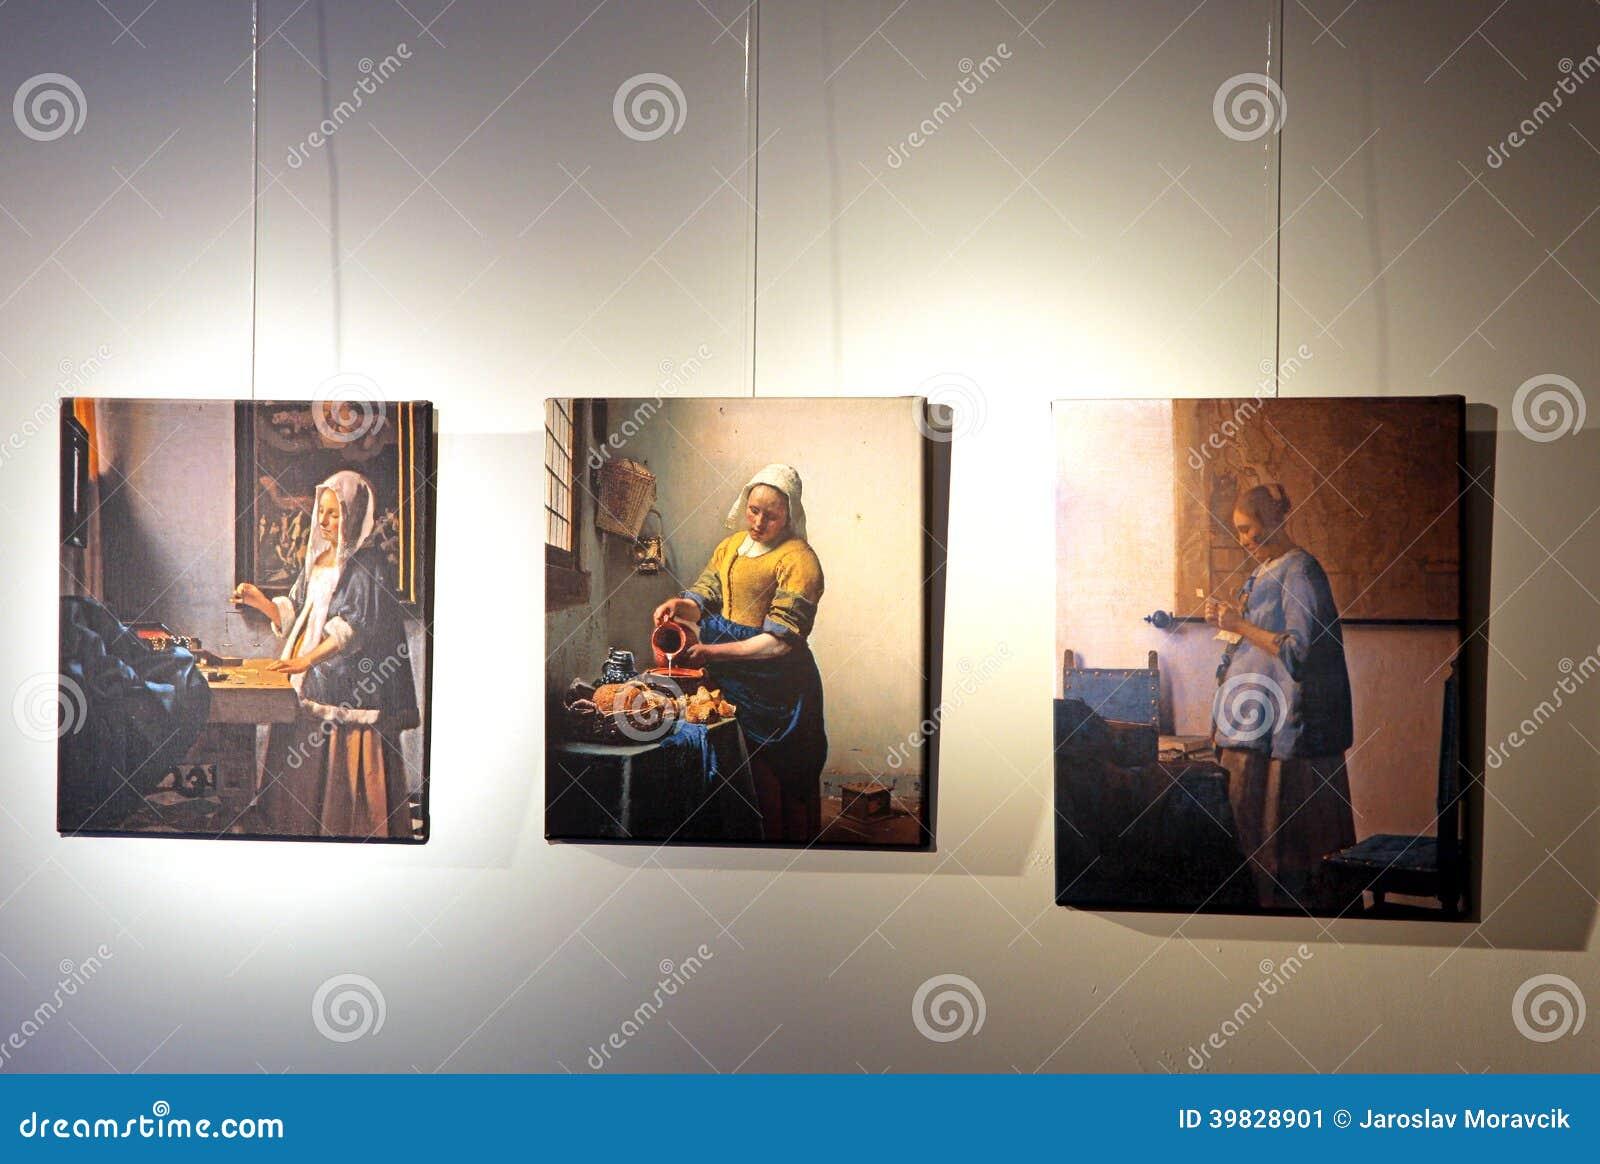 Centre de Vermeer, Delft - Pays-Bas